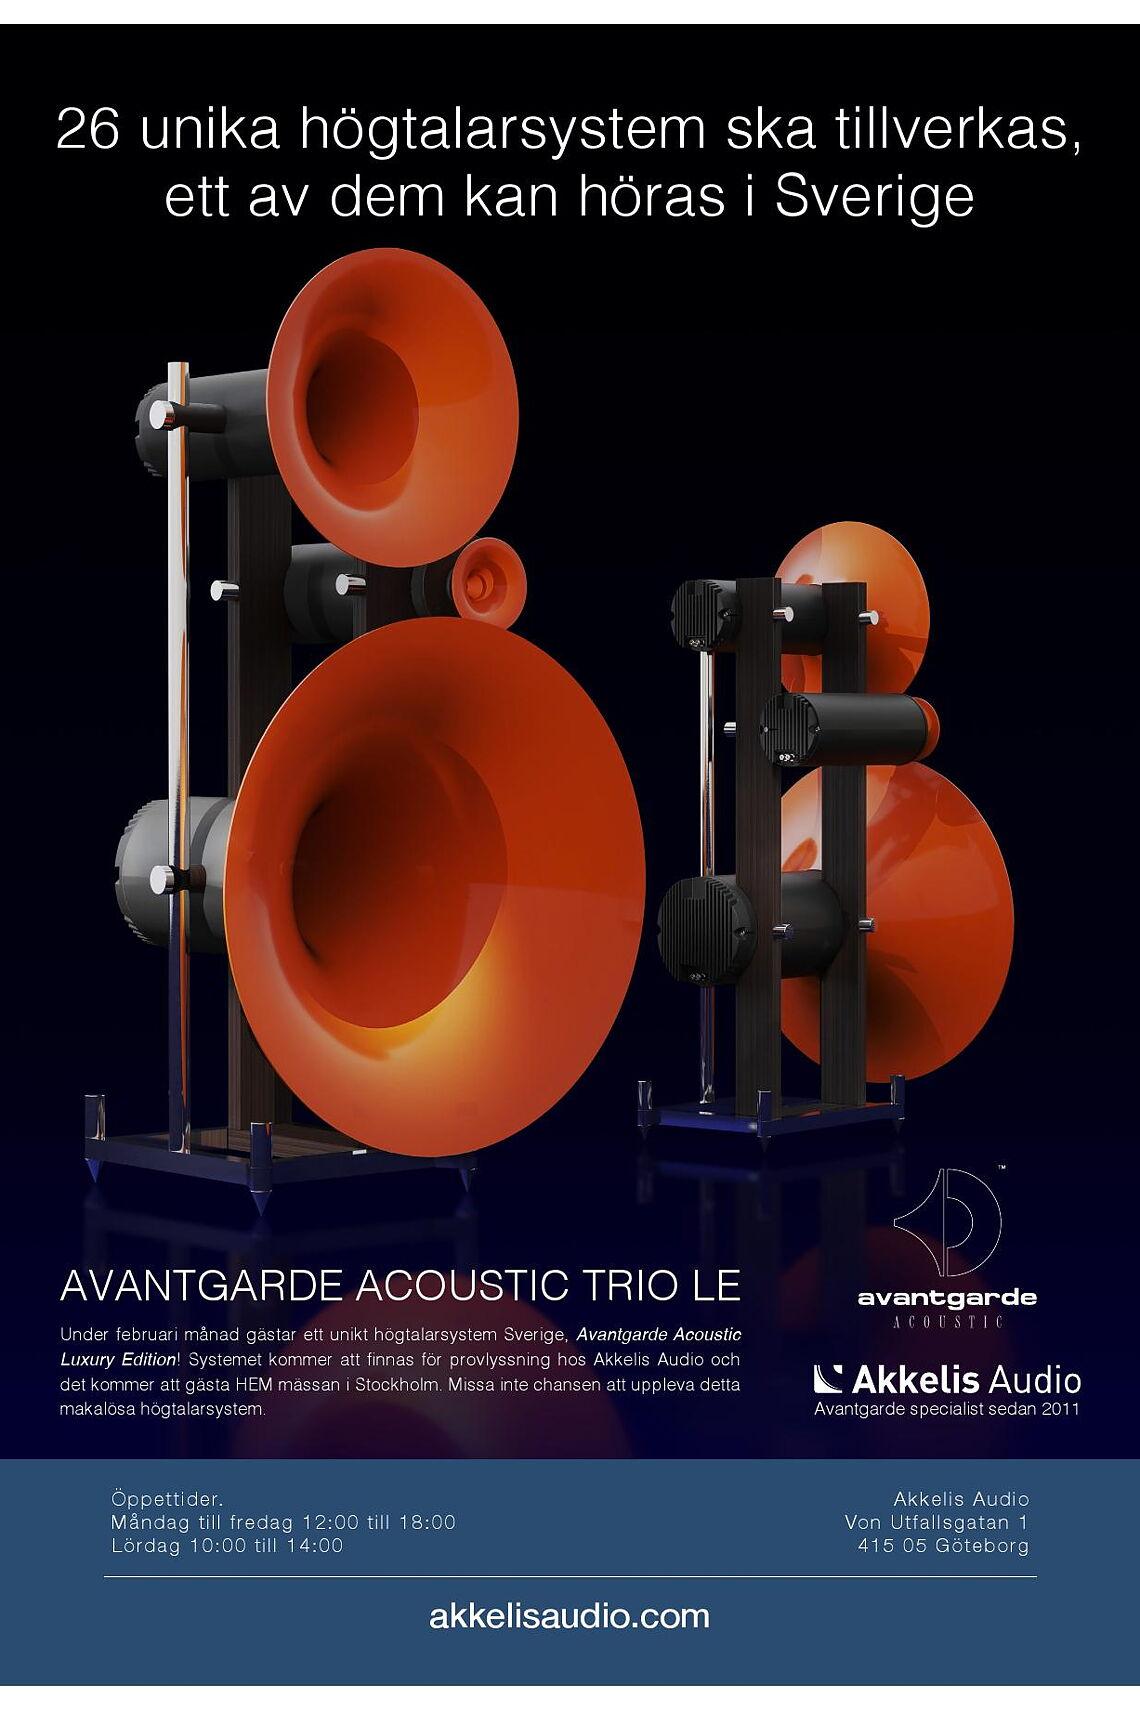 Akkelis_ann_A4_AG_Trio_Lux_TT_000001.jpg